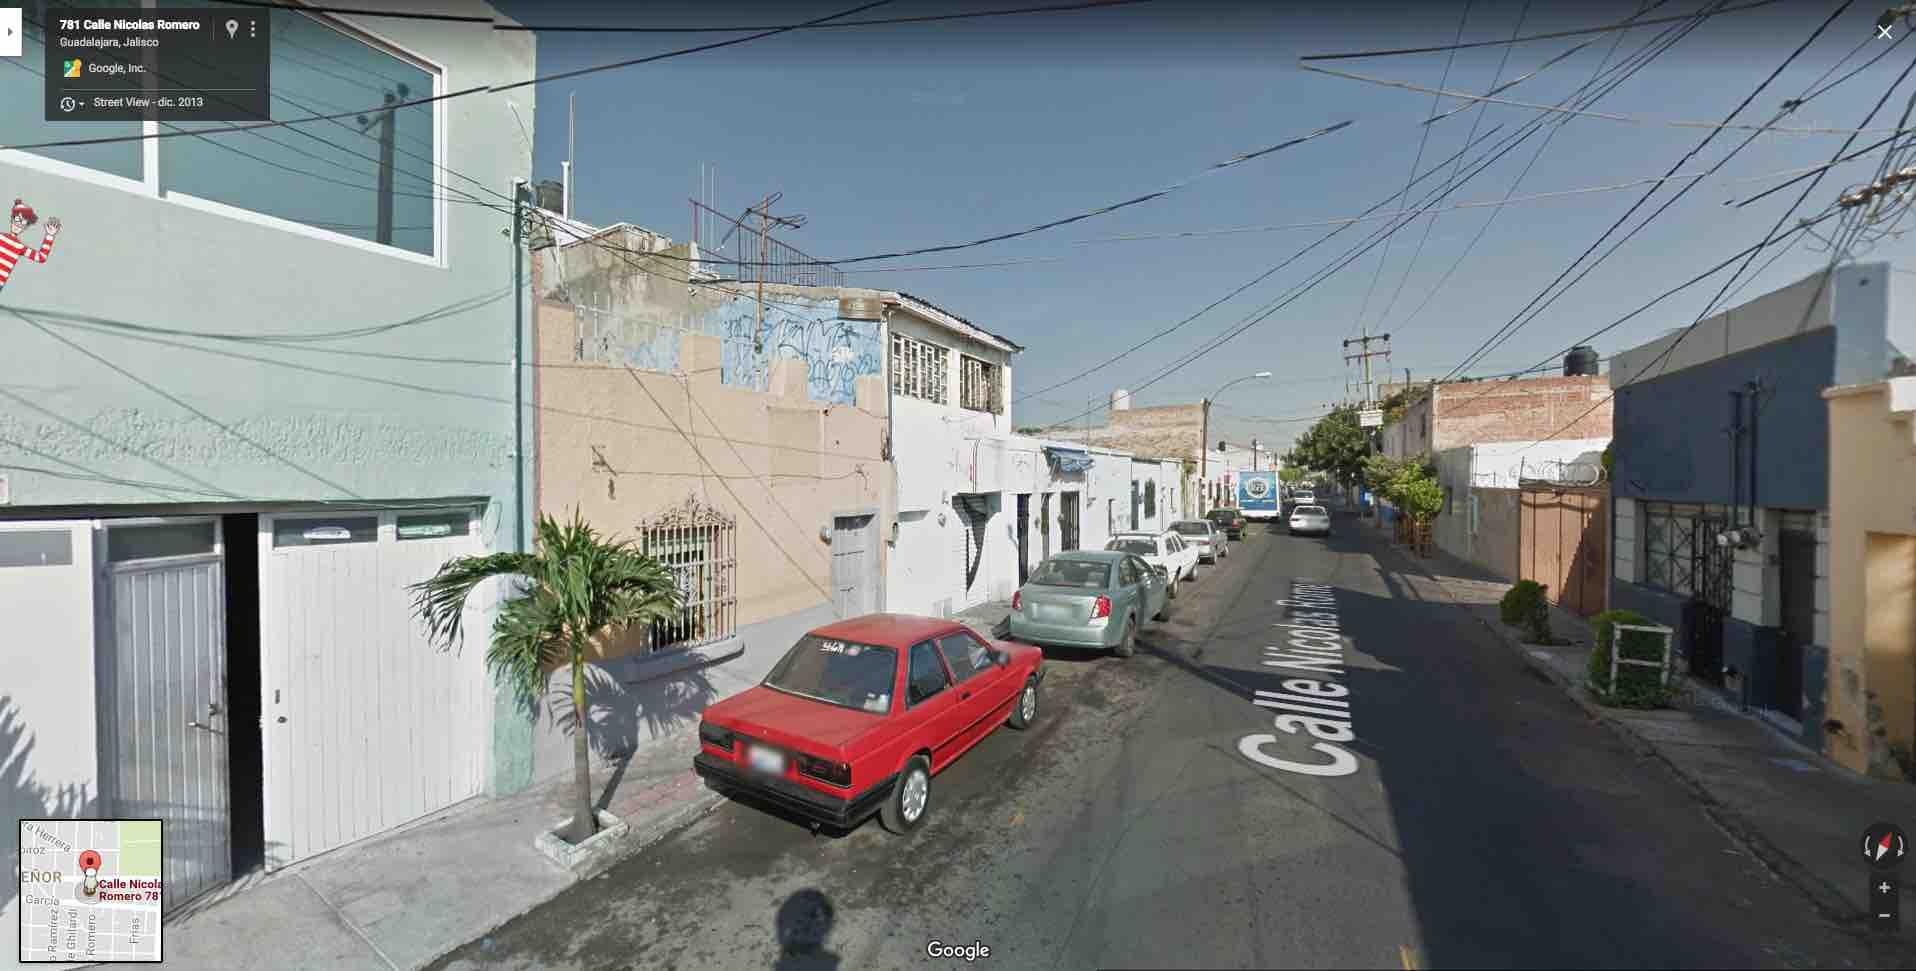 Colonia Santa Tere,  Calle Nicolas Romero 781, Guadalajara, Jal.